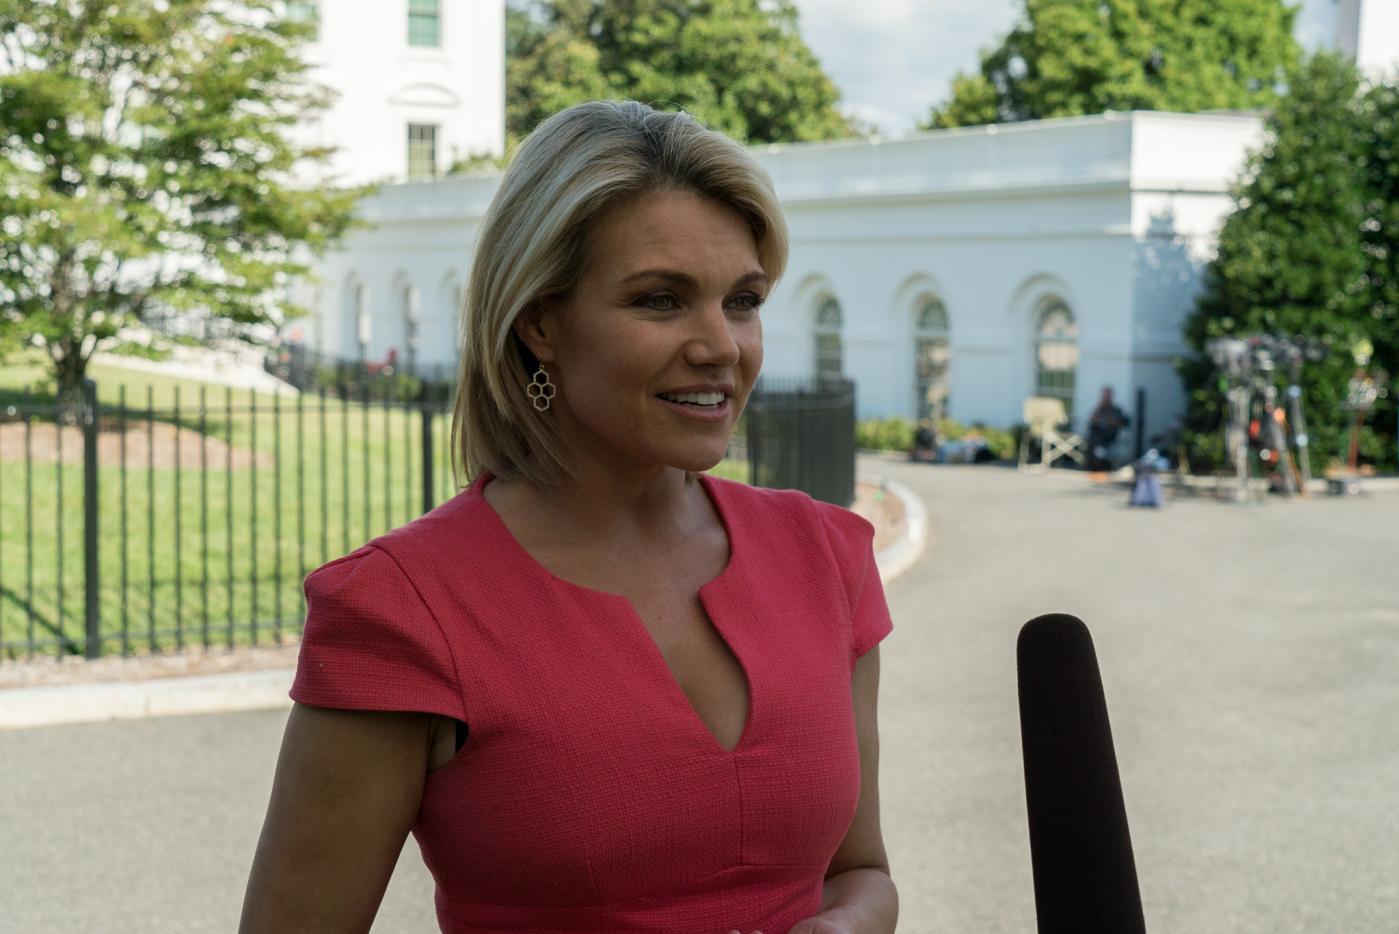 США: Попытки отрицания ответственности РФ в деле Скрипаля подражают сценарию по Крыму, MH17 и Донбассу